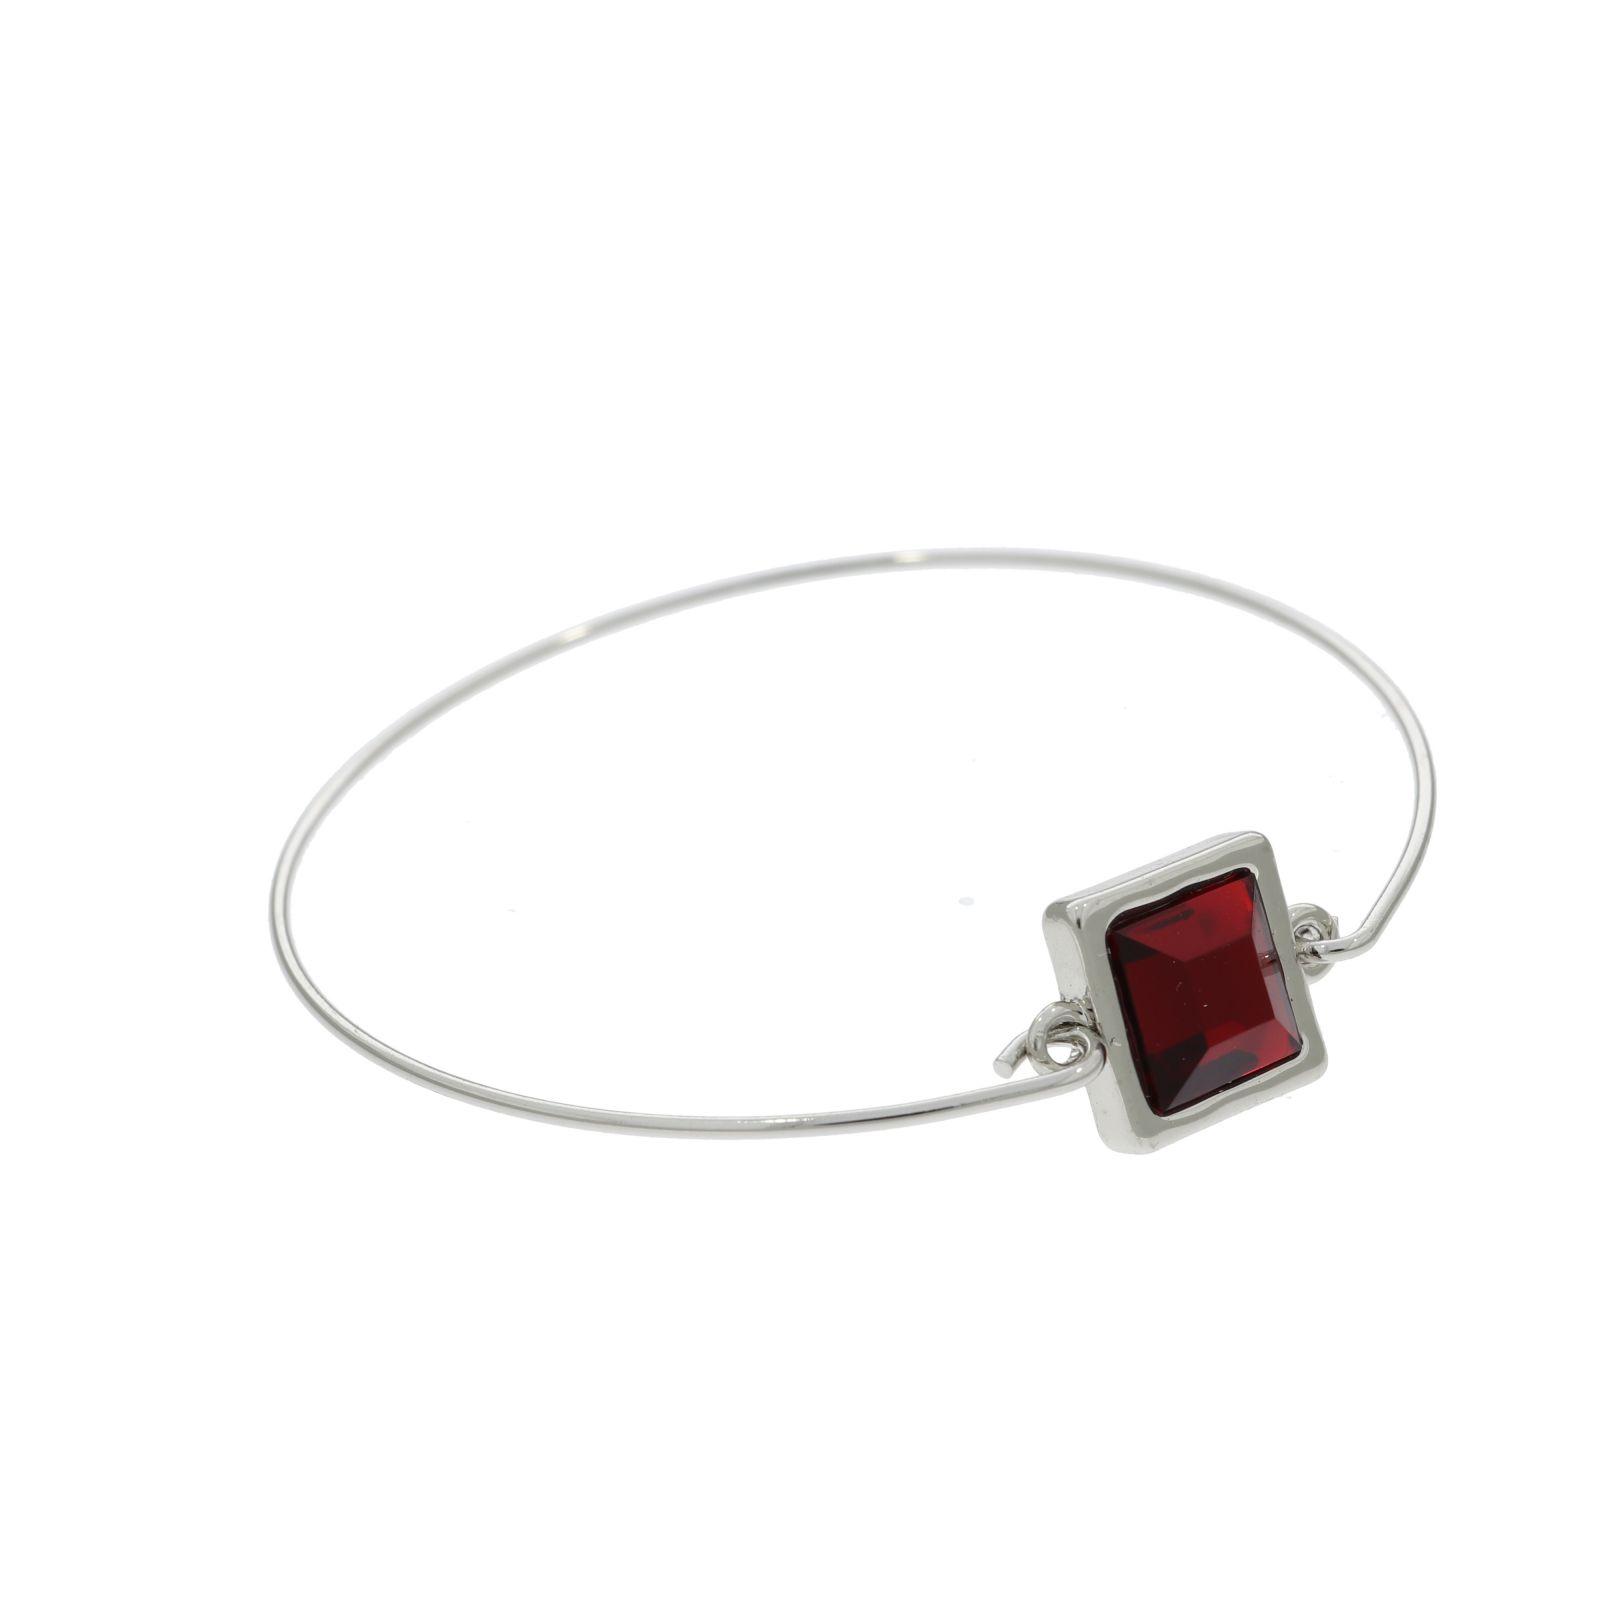 Náramek s červeným kamínkem GIIL